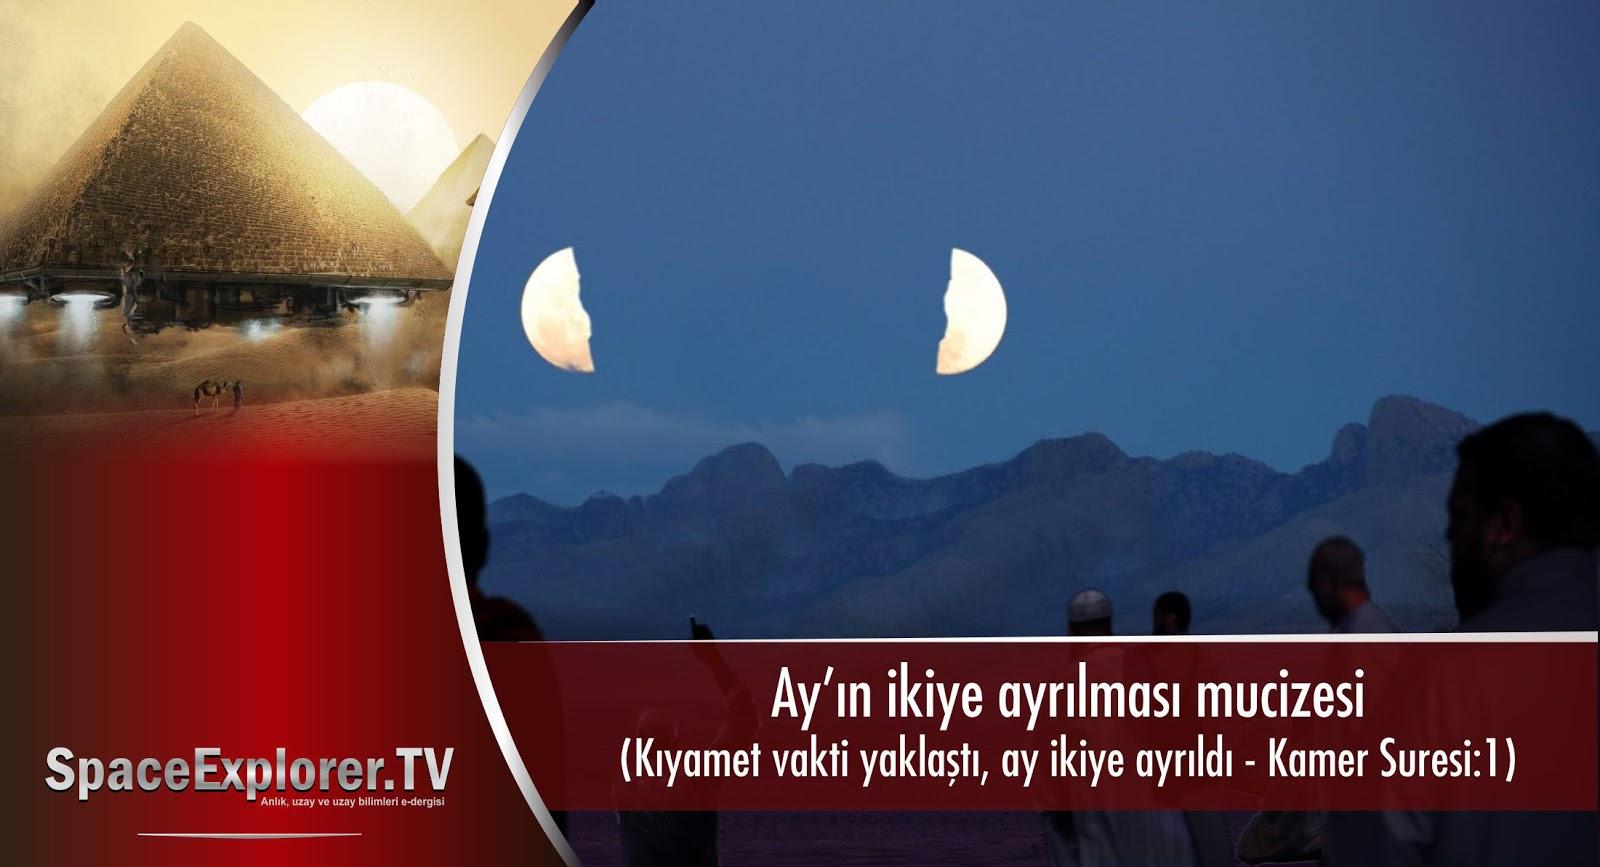 Videolar, Ay, Ay'ın ikiye ayrılması, Mucizeler, Ay uzay aracı mı, Space Explorer,